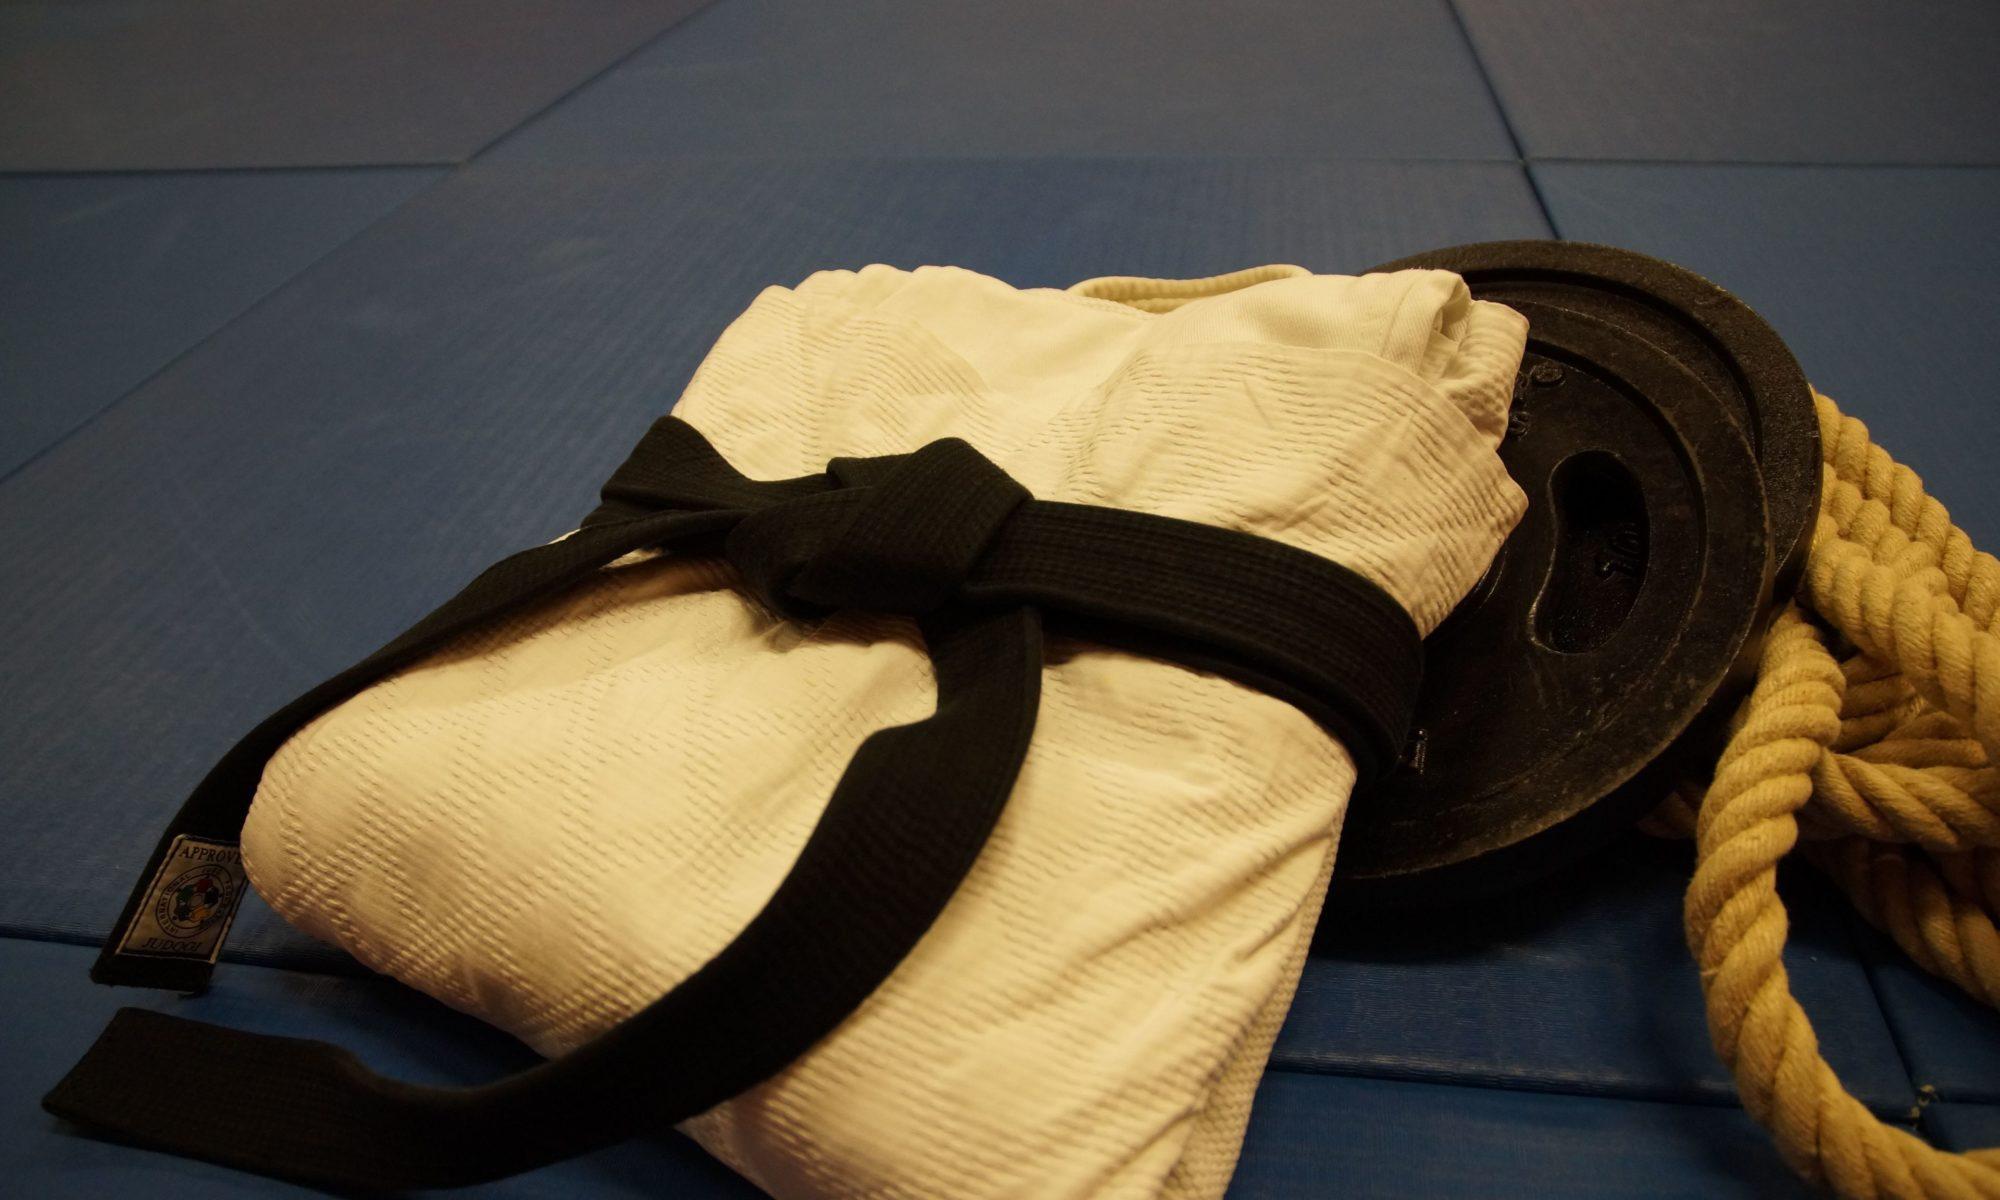 ASV Fürth - Judo